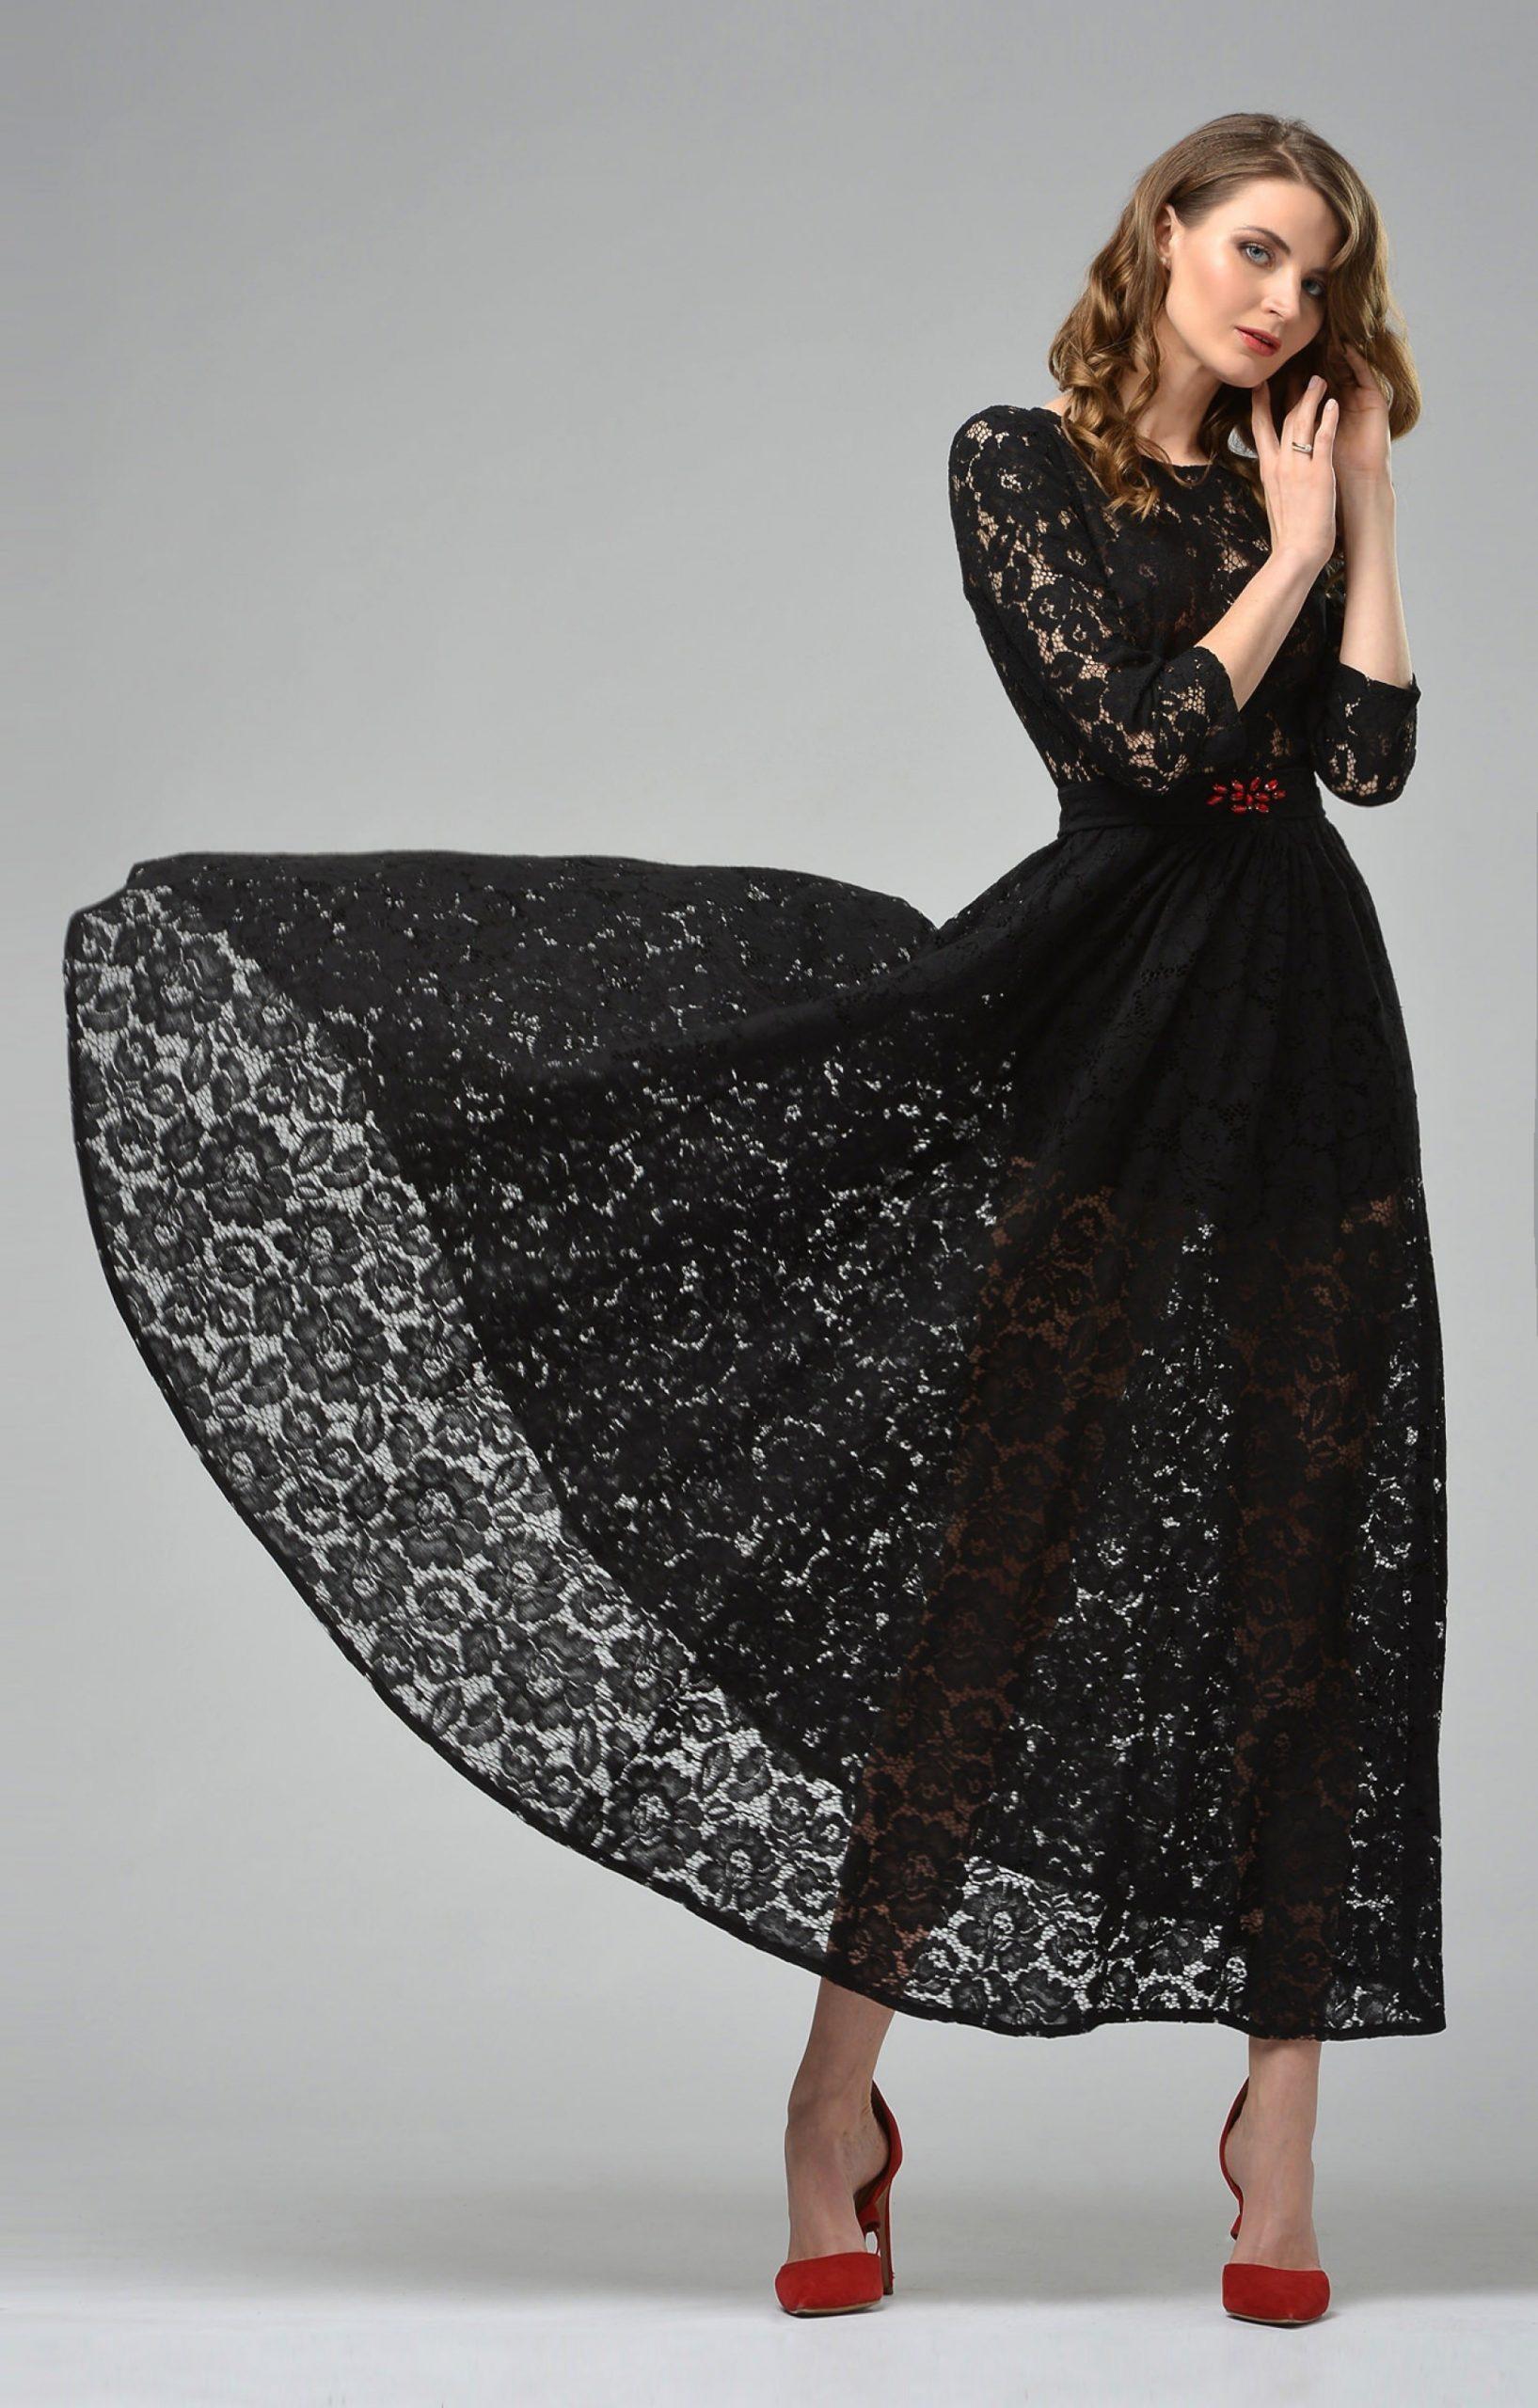 Designer Schön Zara Abend Kleider Bester PreisFormal Elegant Zara Abend Kleider Boutique